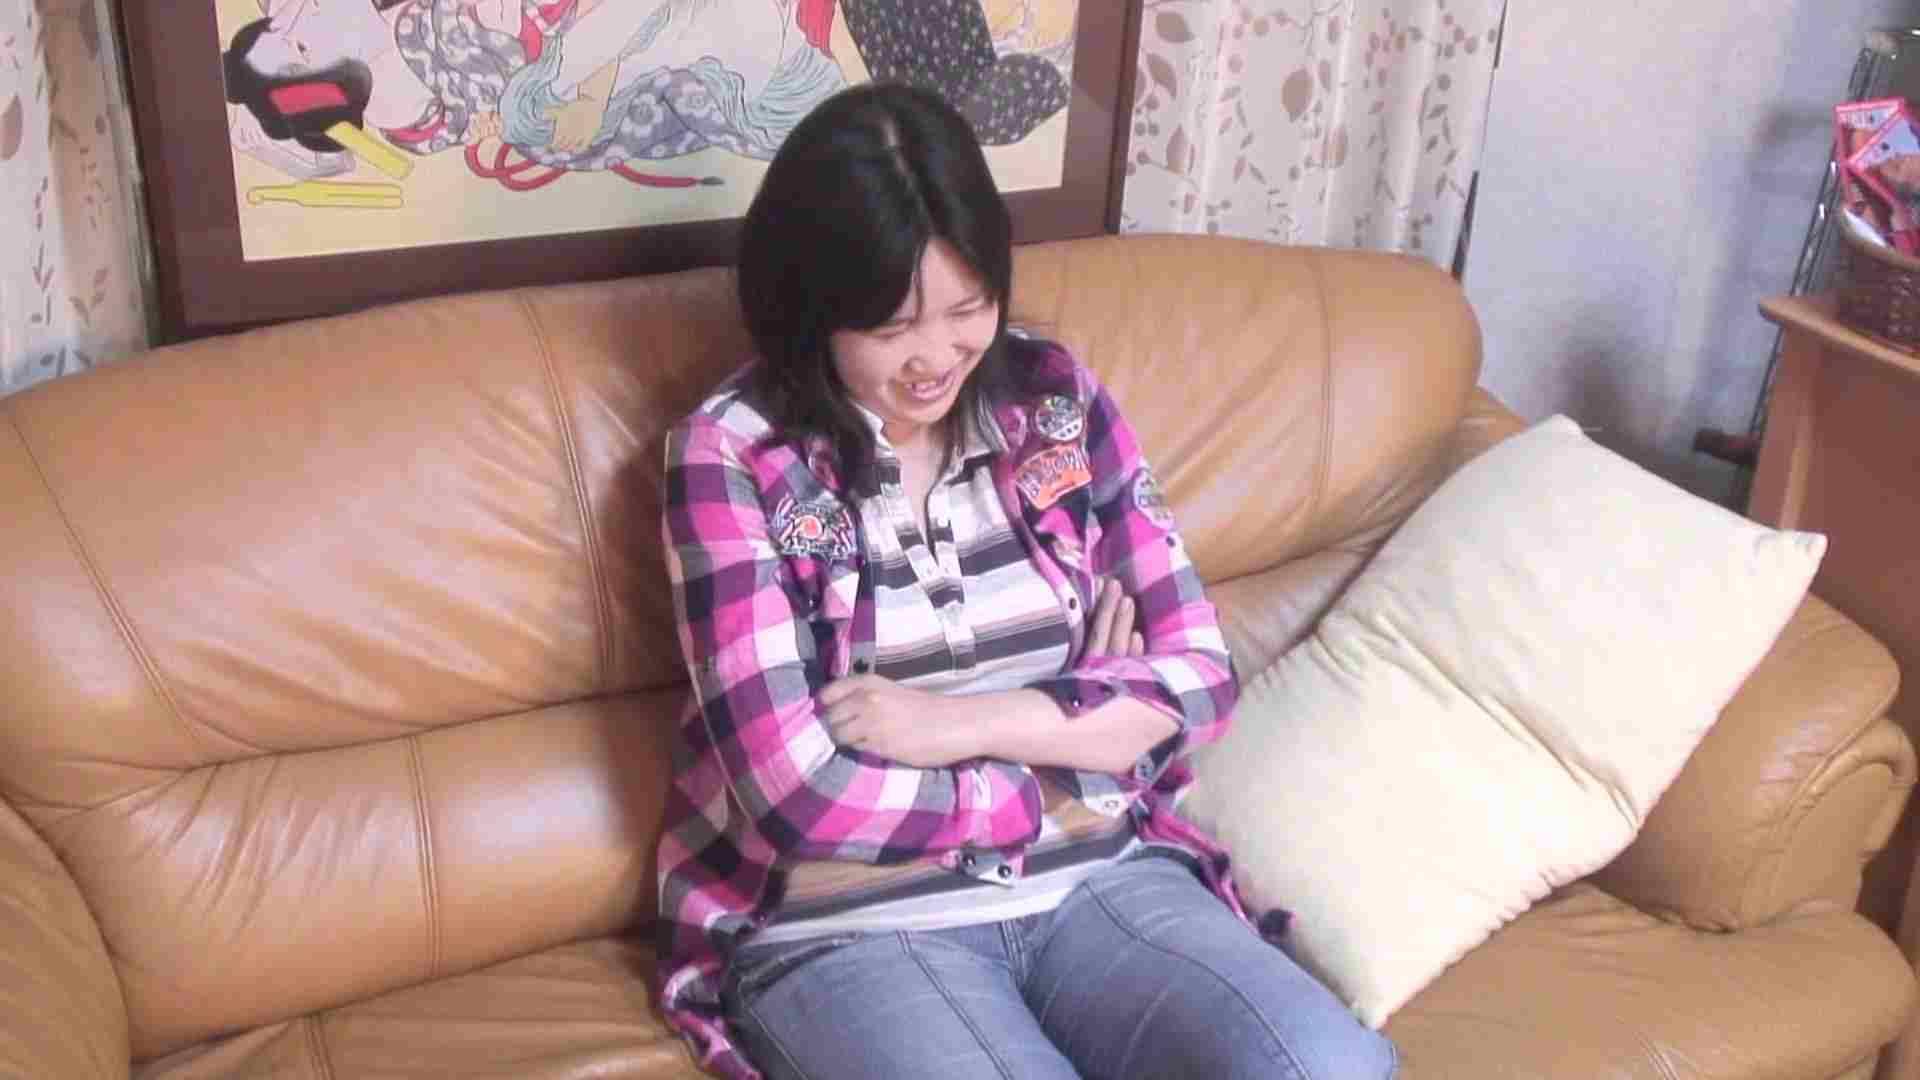 鬼才沖本監督 ドSな女 フェラ | 高画質  25画像 14